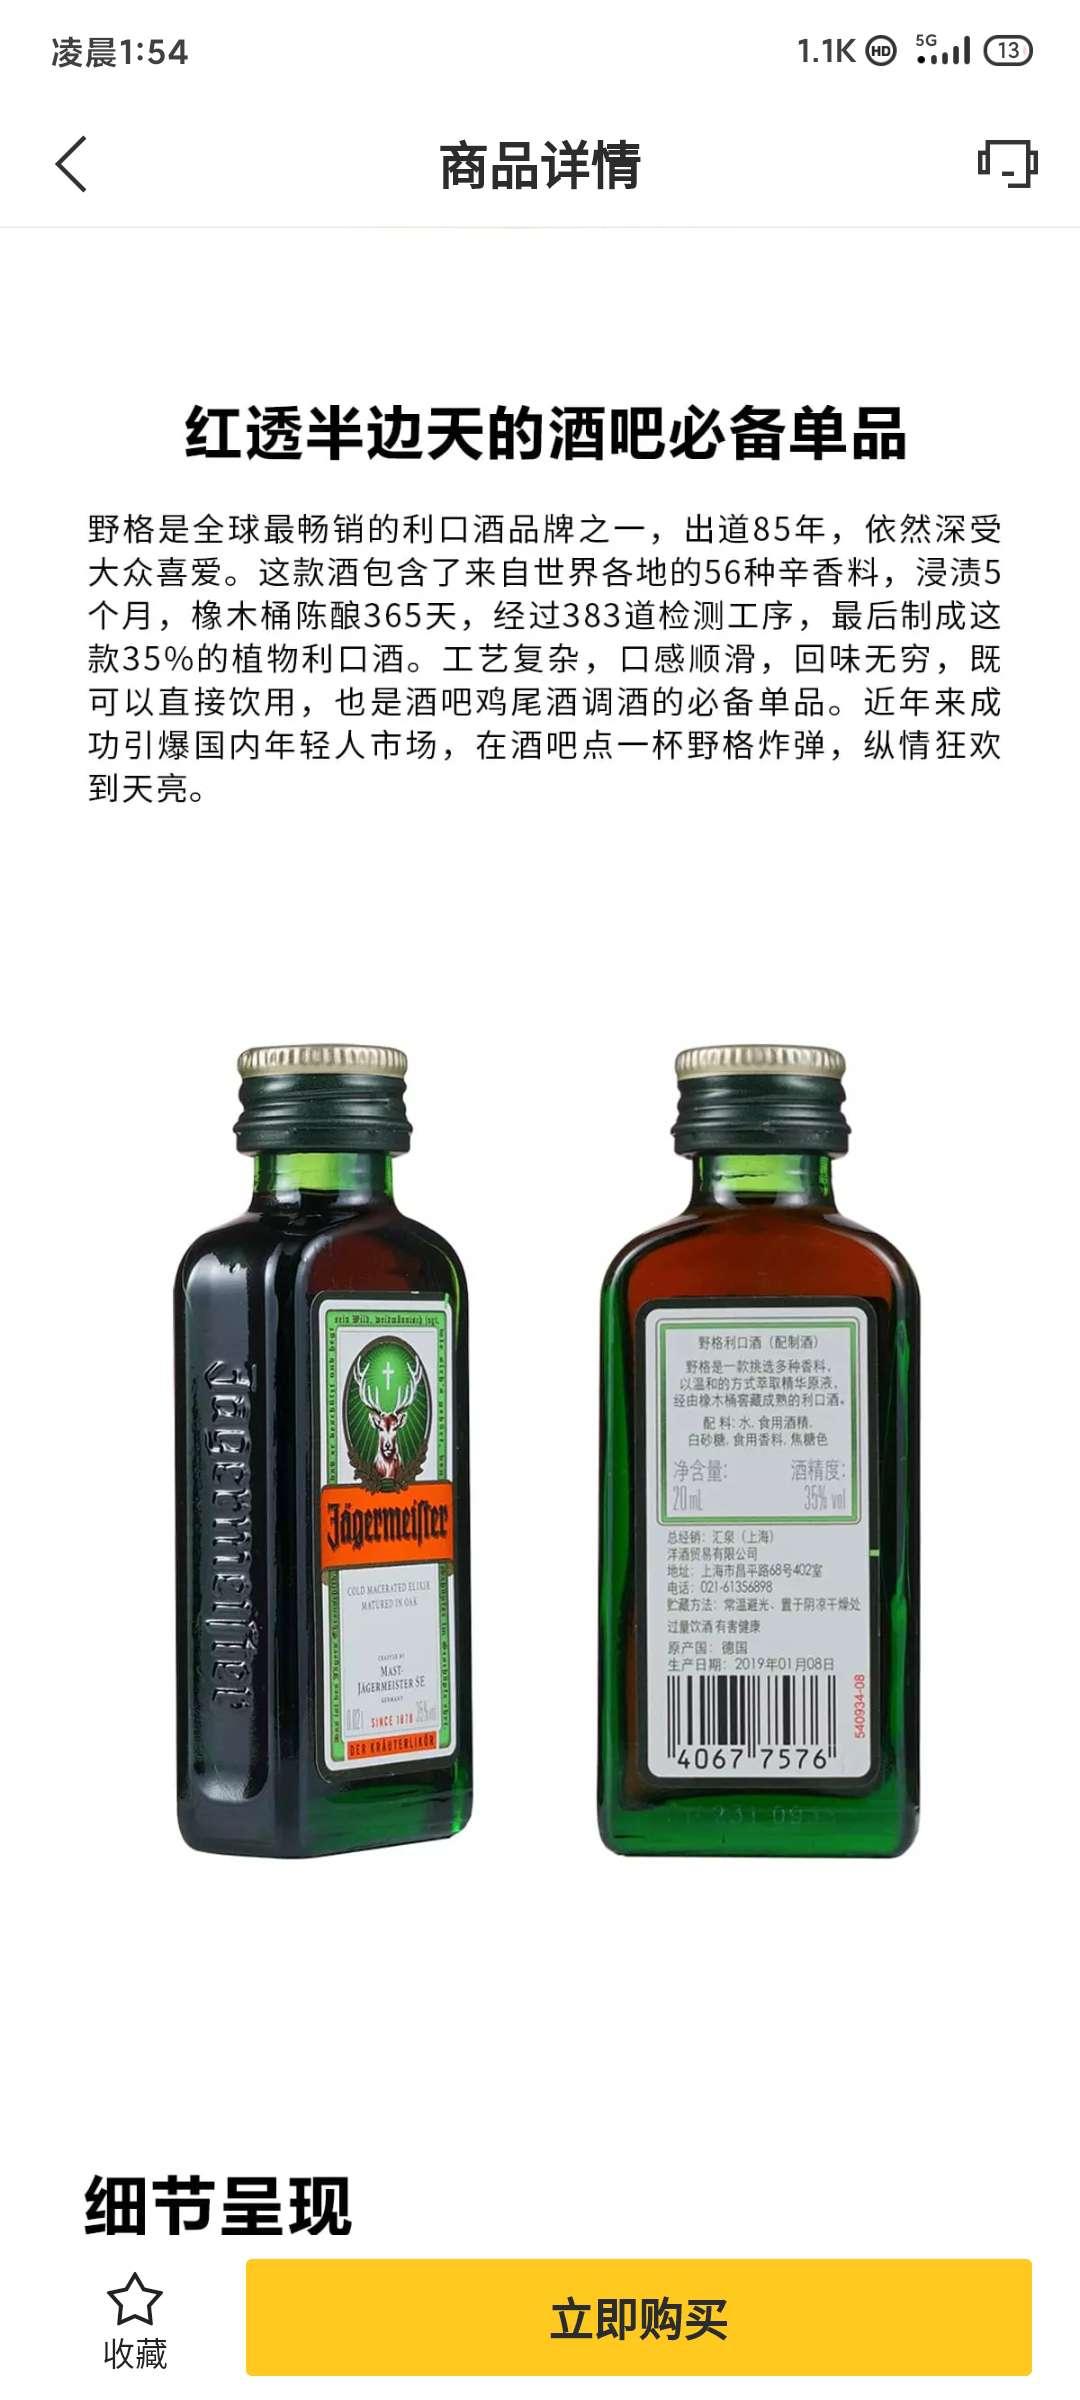 图片[1]-百瓶app一元撸 德国酒-老友薅羊毛活动线报网